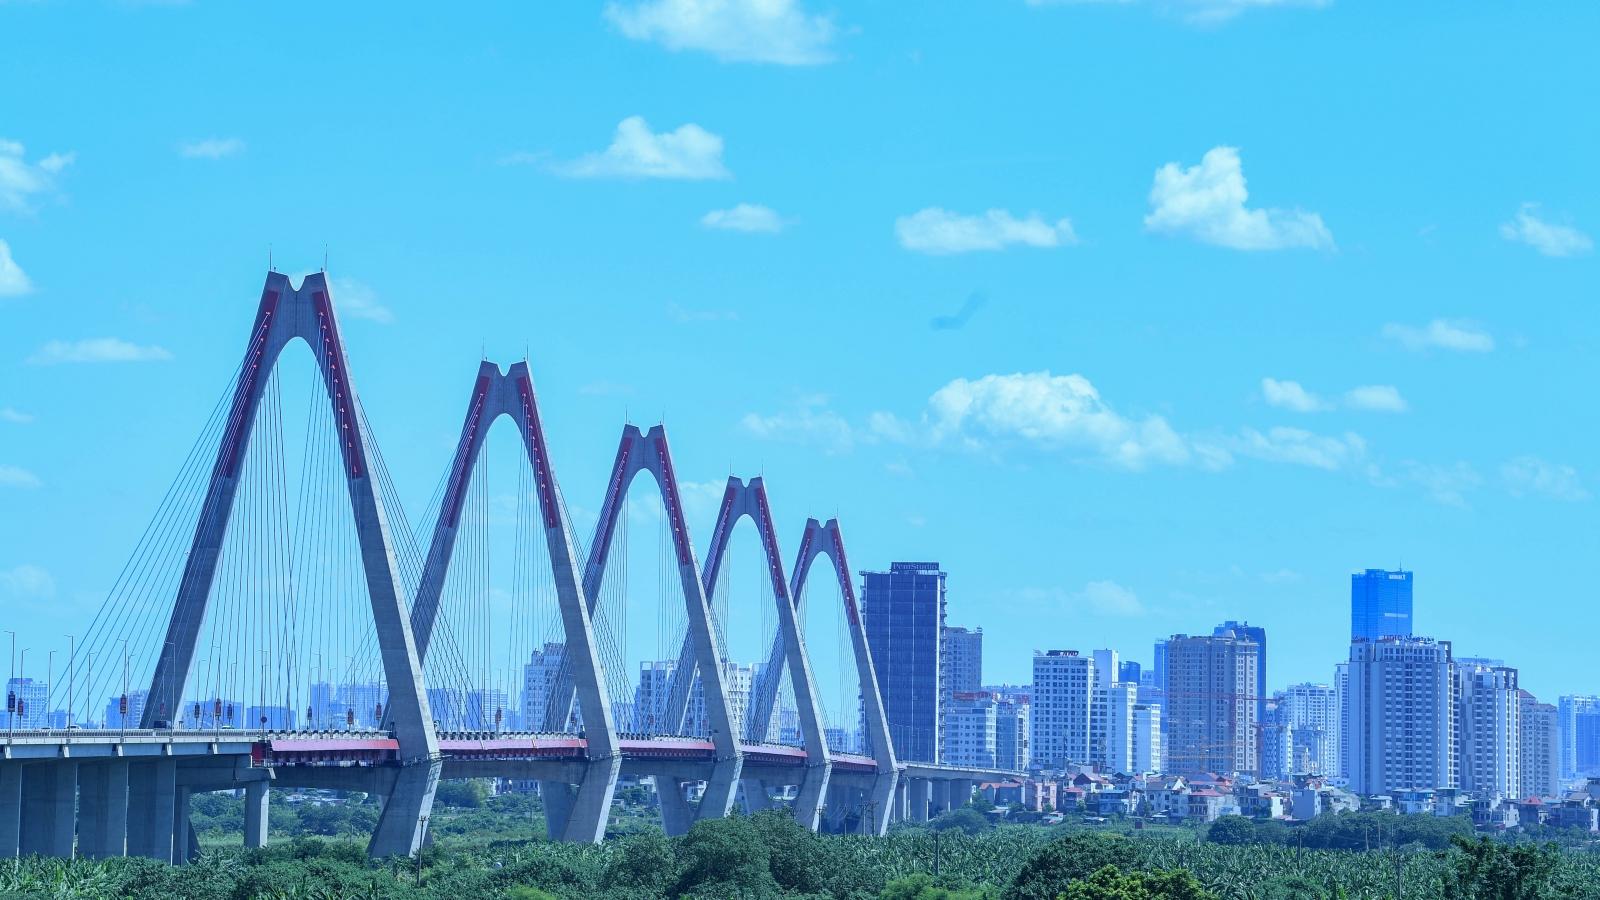 Đường phố Hà Nội thông thoáng, chỉ số về không khí tốt